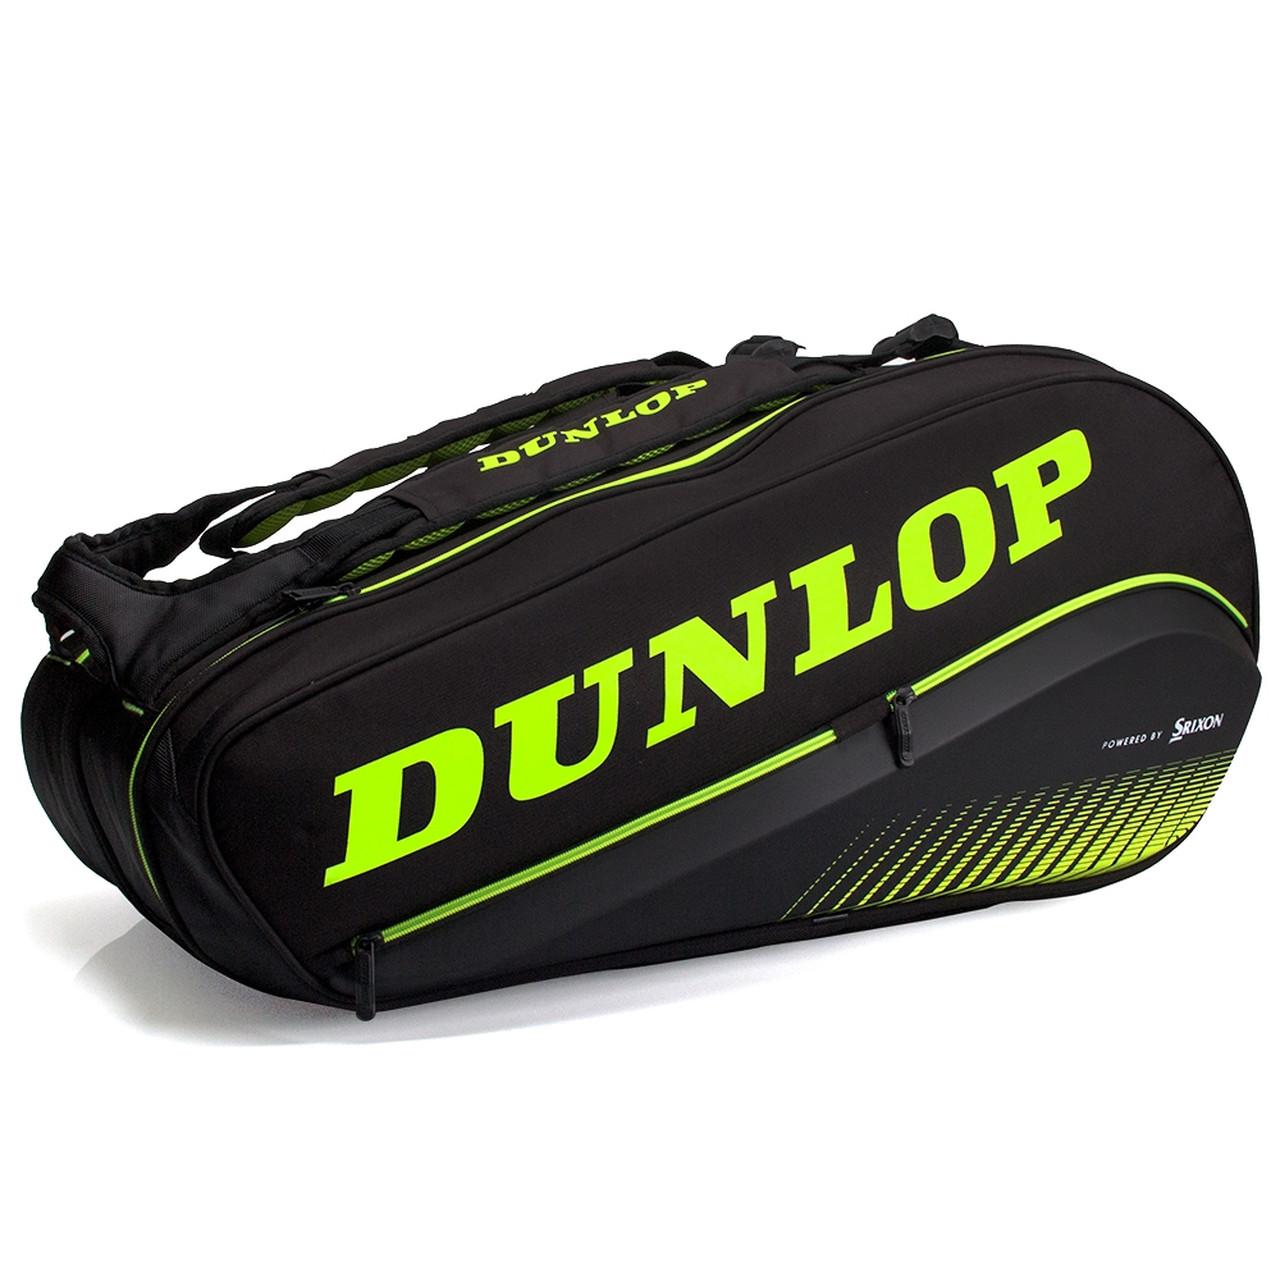 Raqueteira Dunlop Sx Performance X8 Preta e Verde  - PROTENISTA